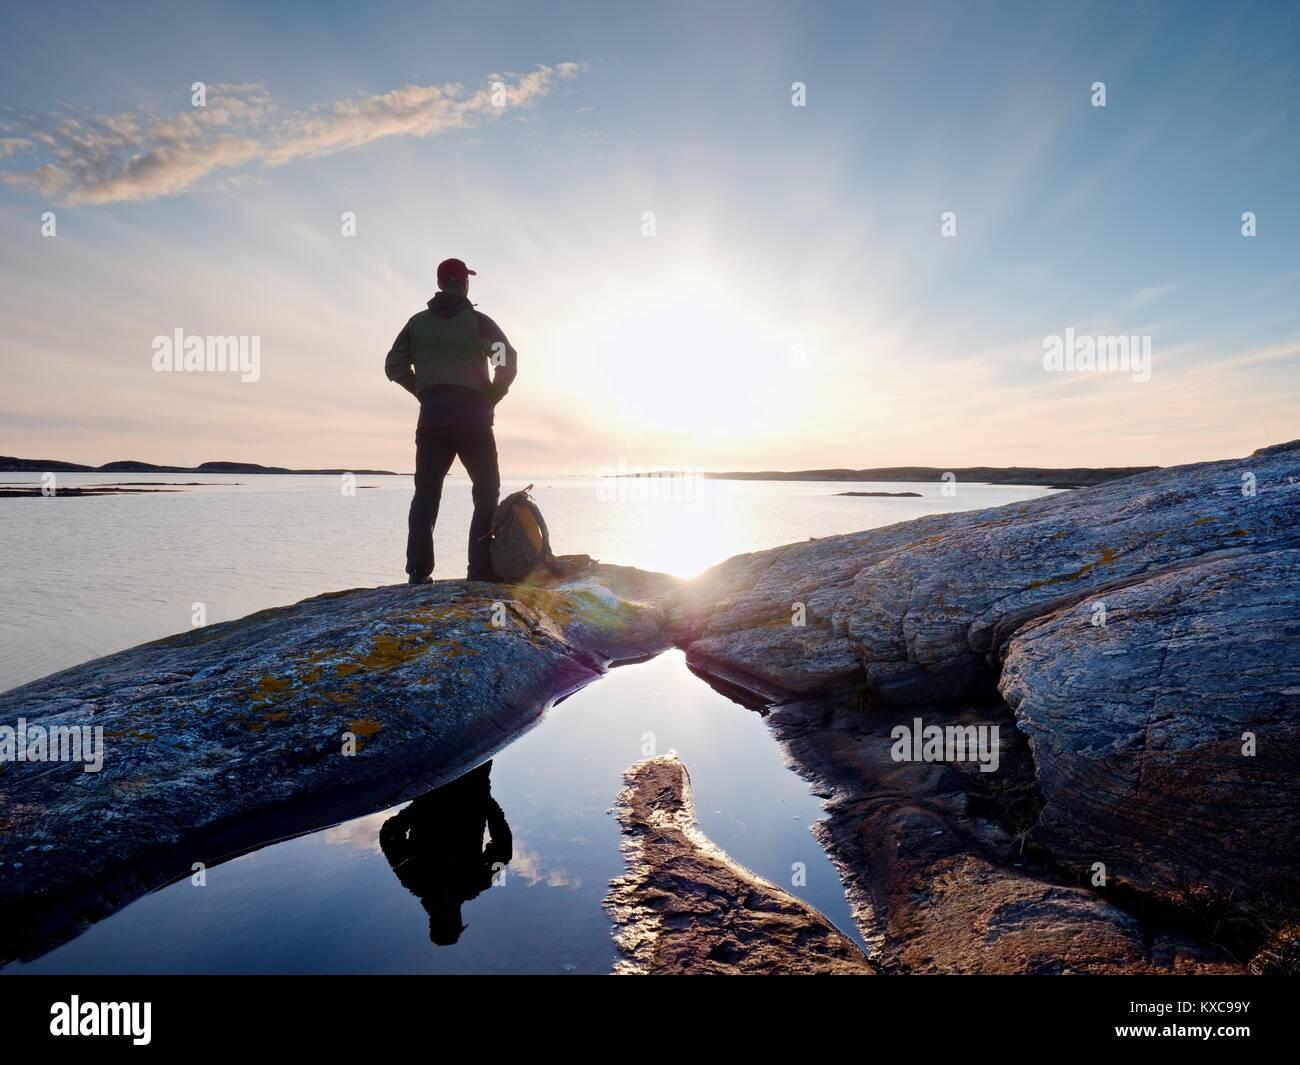 Jeune homme debout avec sac à dos. Randonneur sur la pierre sur le bord de la mer au ciel coucher de soleil Photo Stock